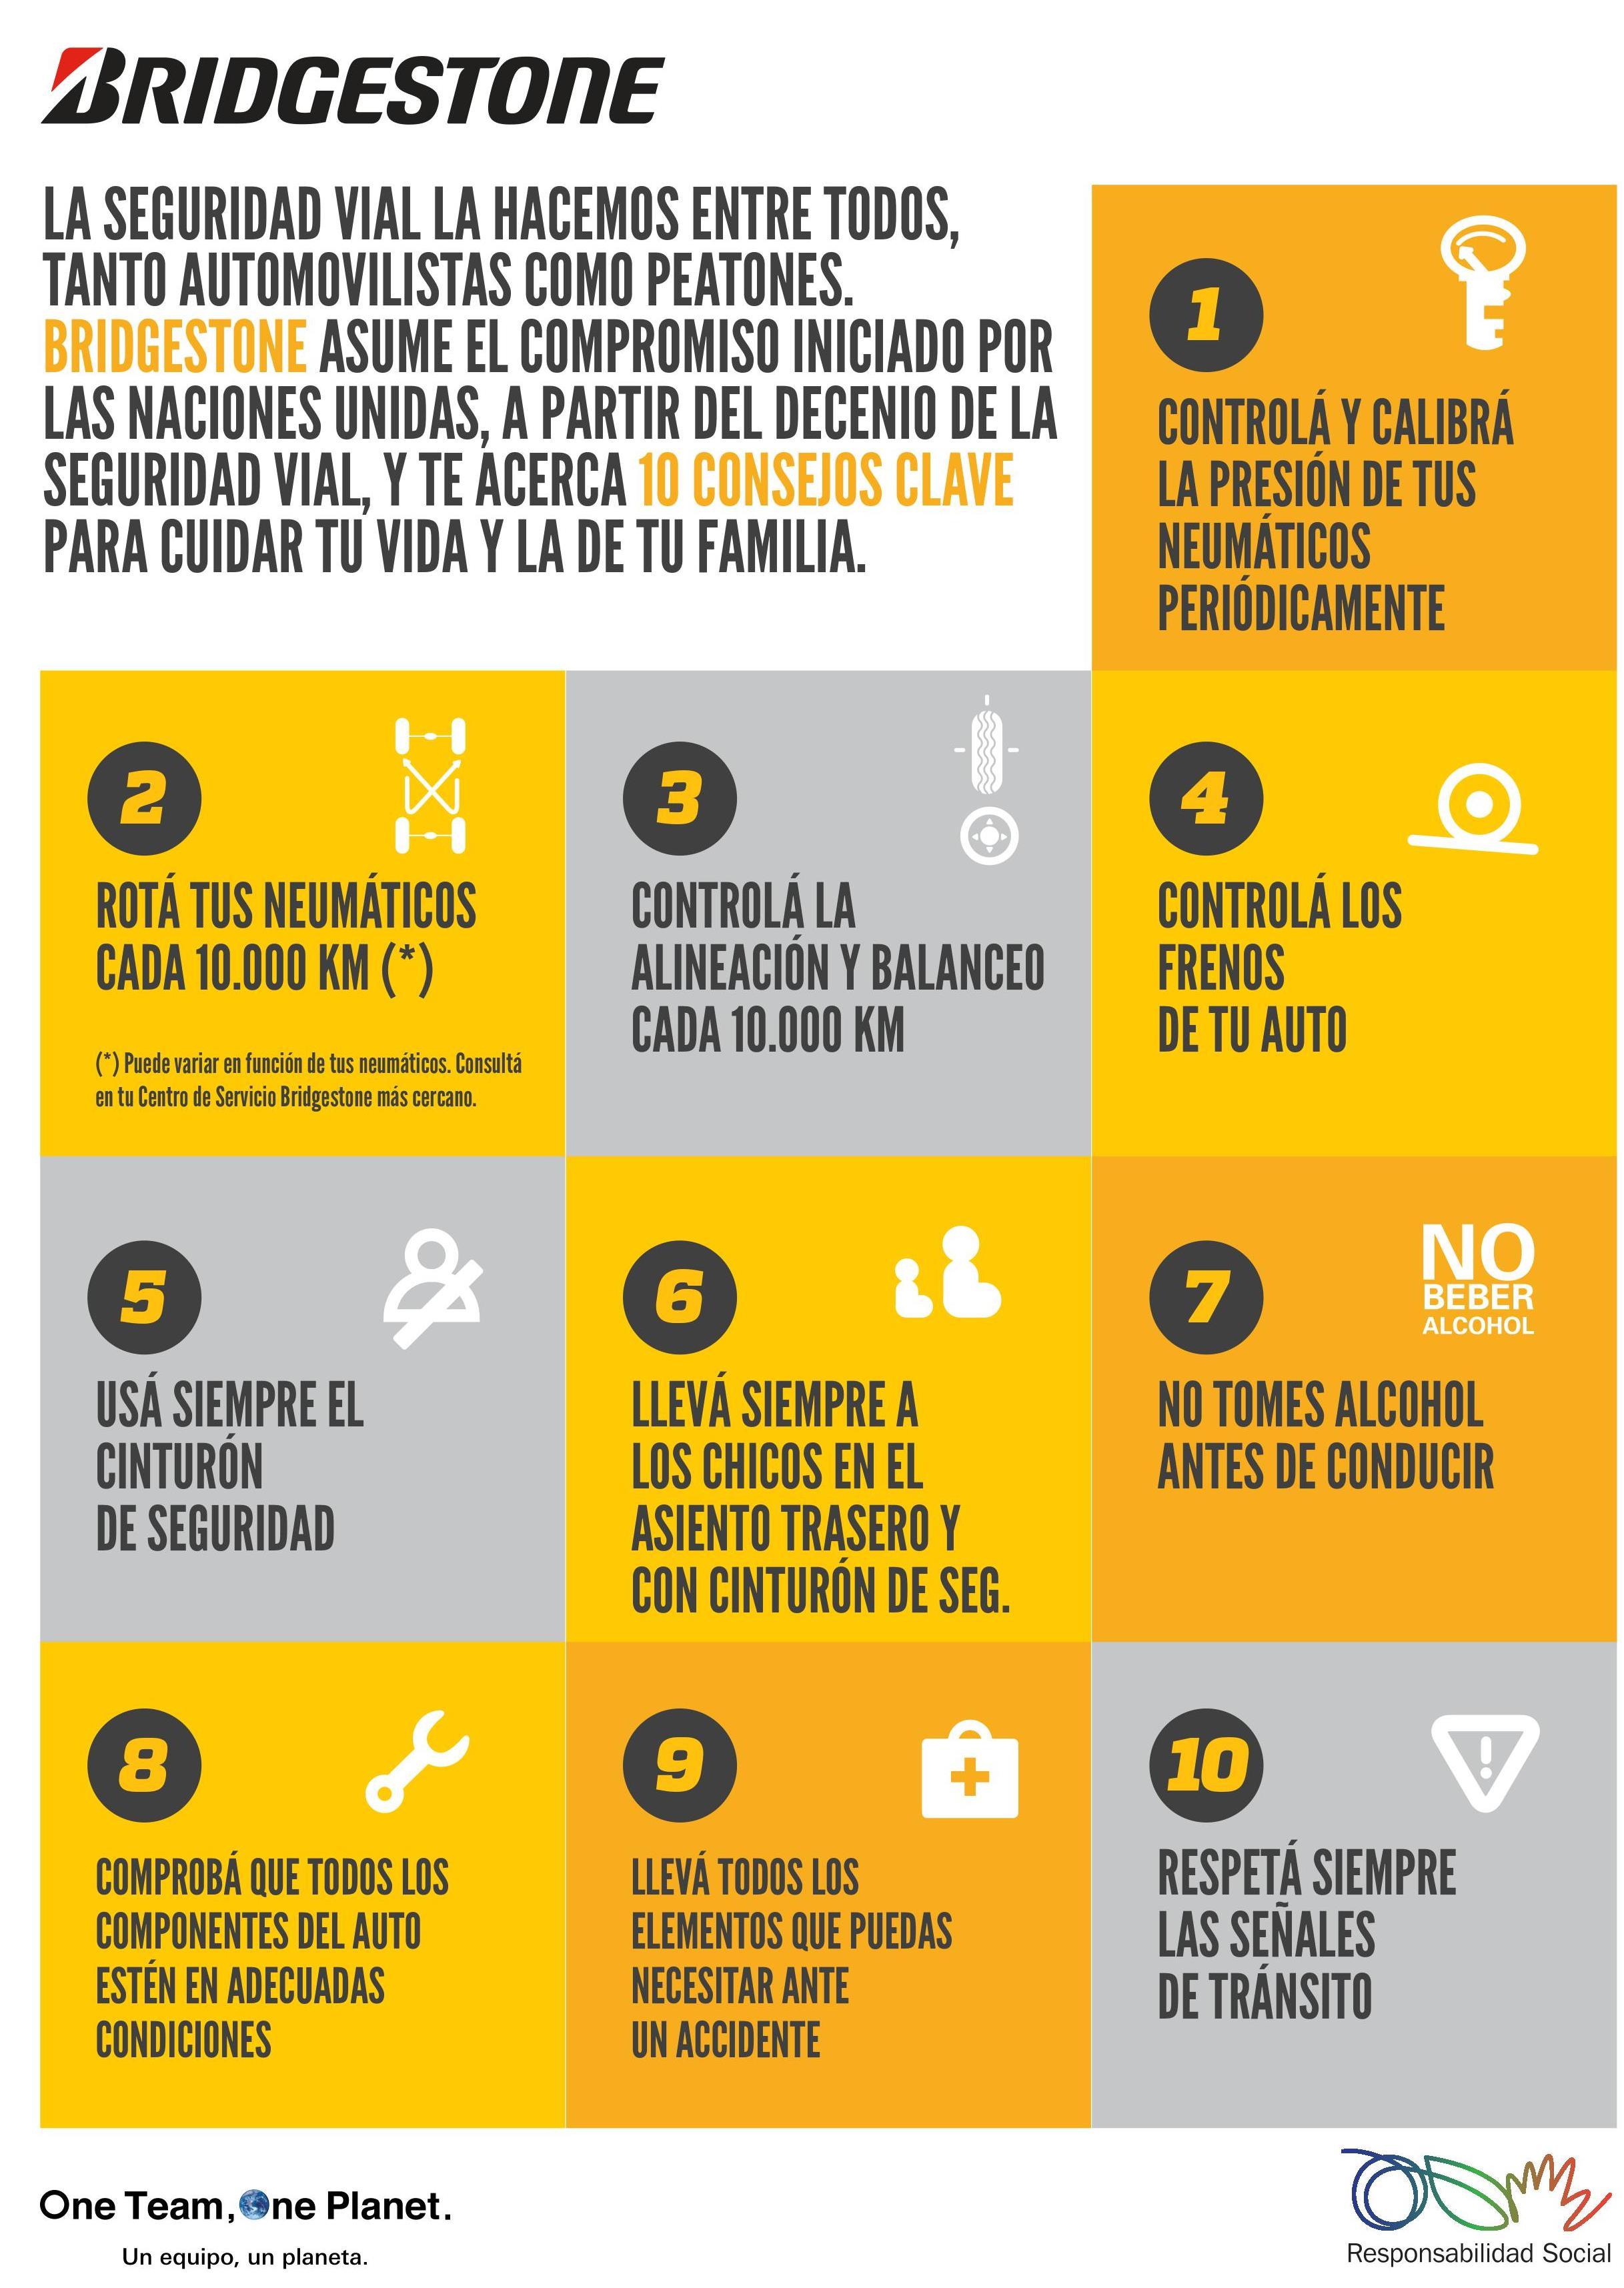 consejos-de-seguridad-vial-bridgestone-argentina